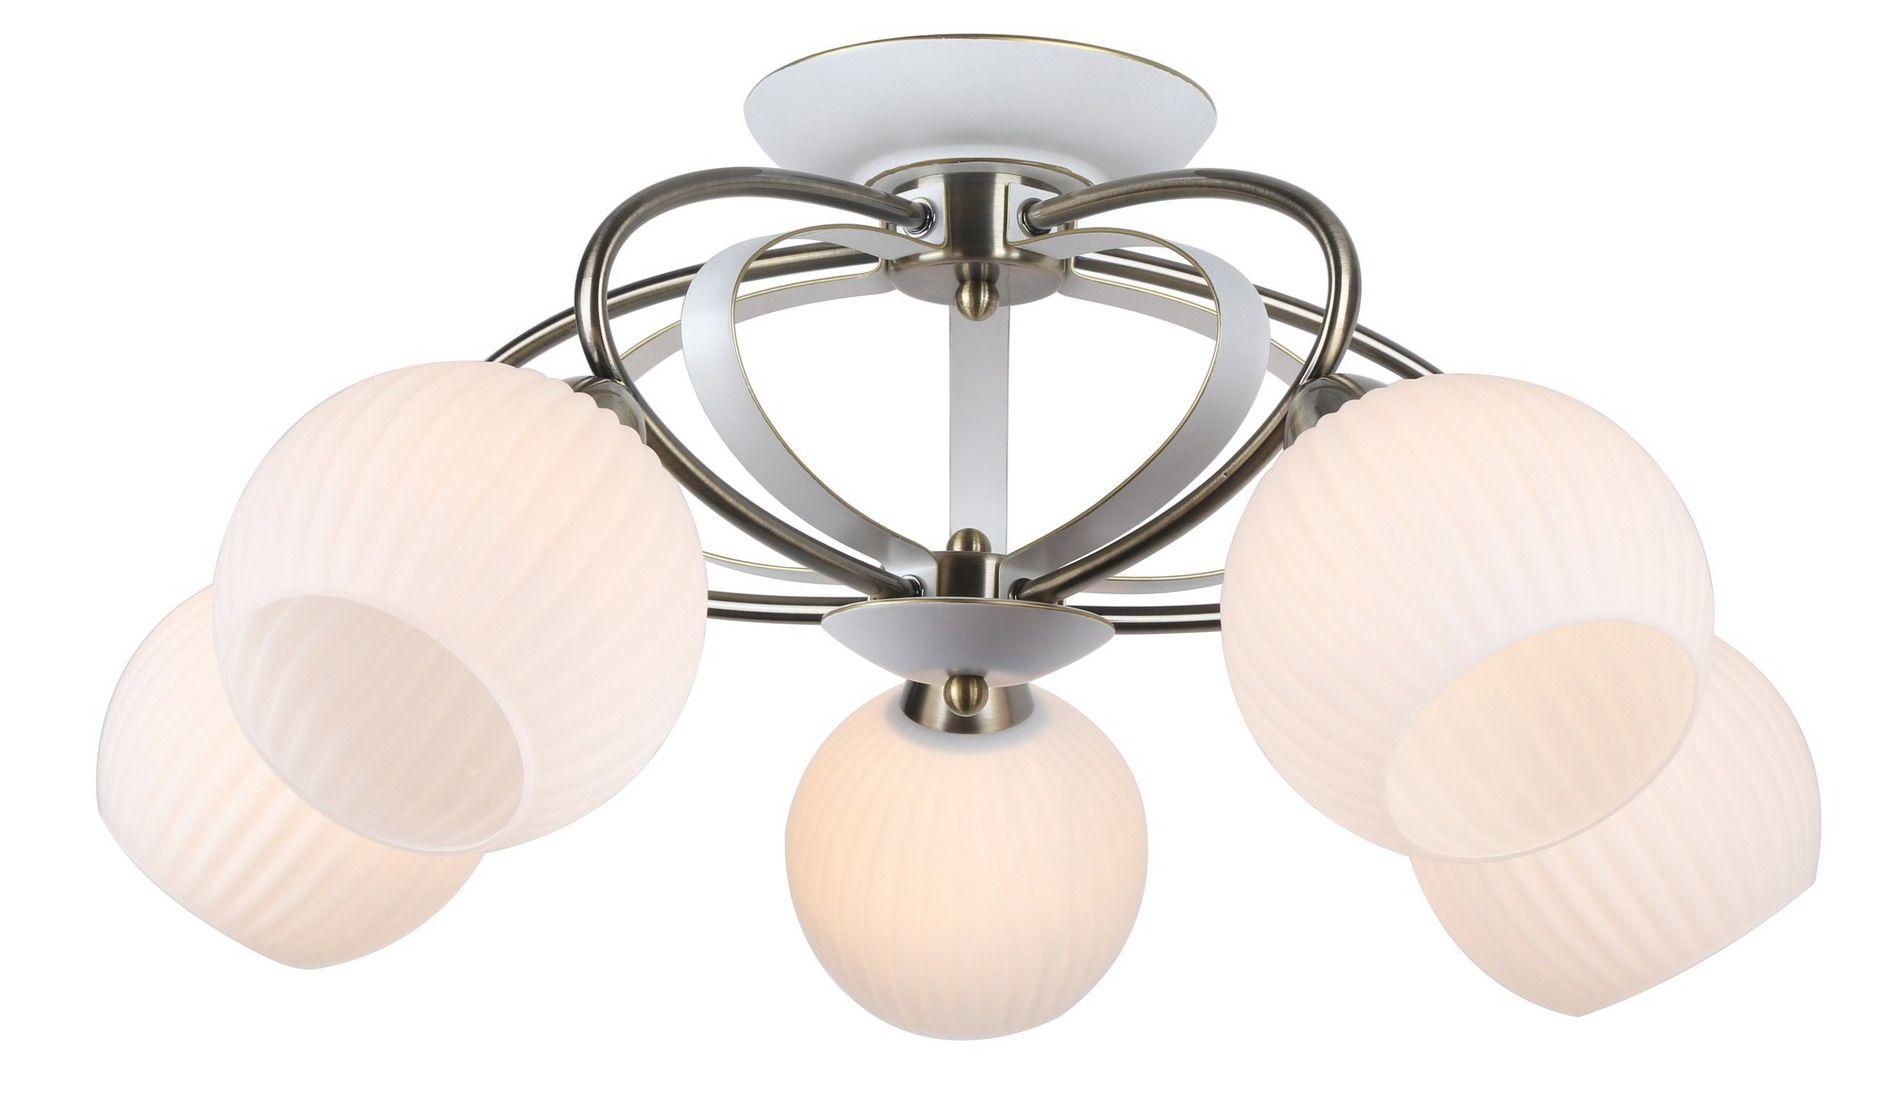 Фото товара A6342PL-5WG Arte Lamp